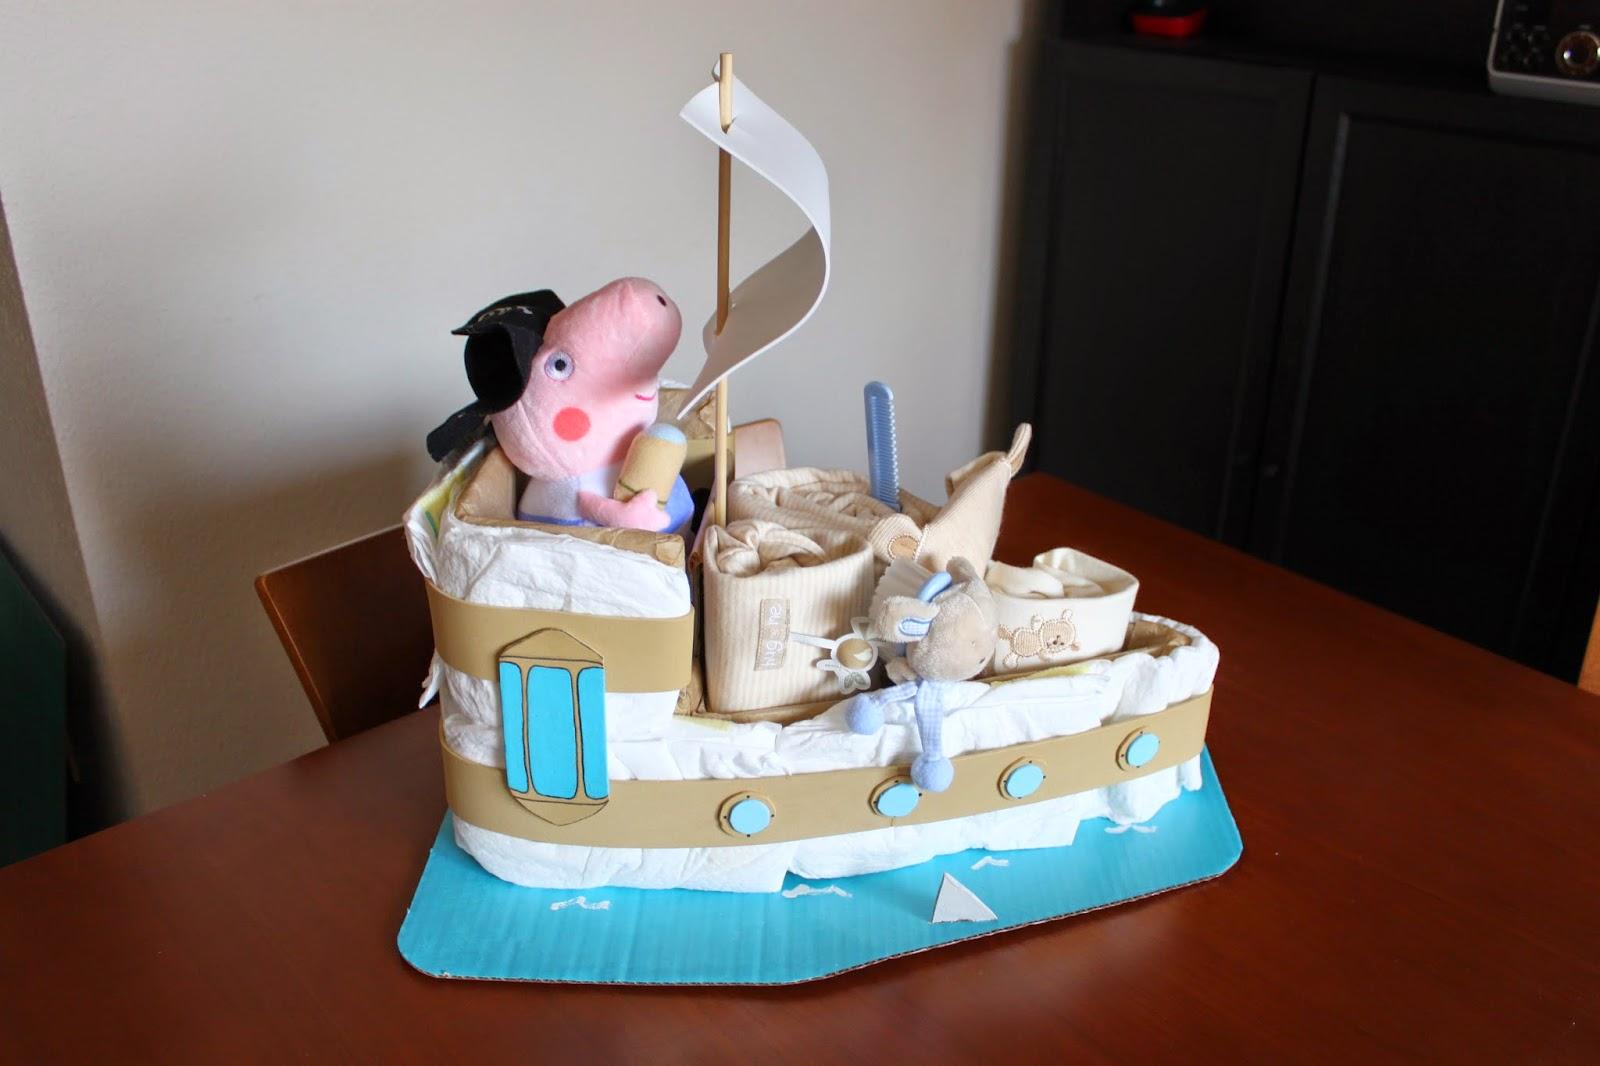 Art en bolquers Barco pirata de paales